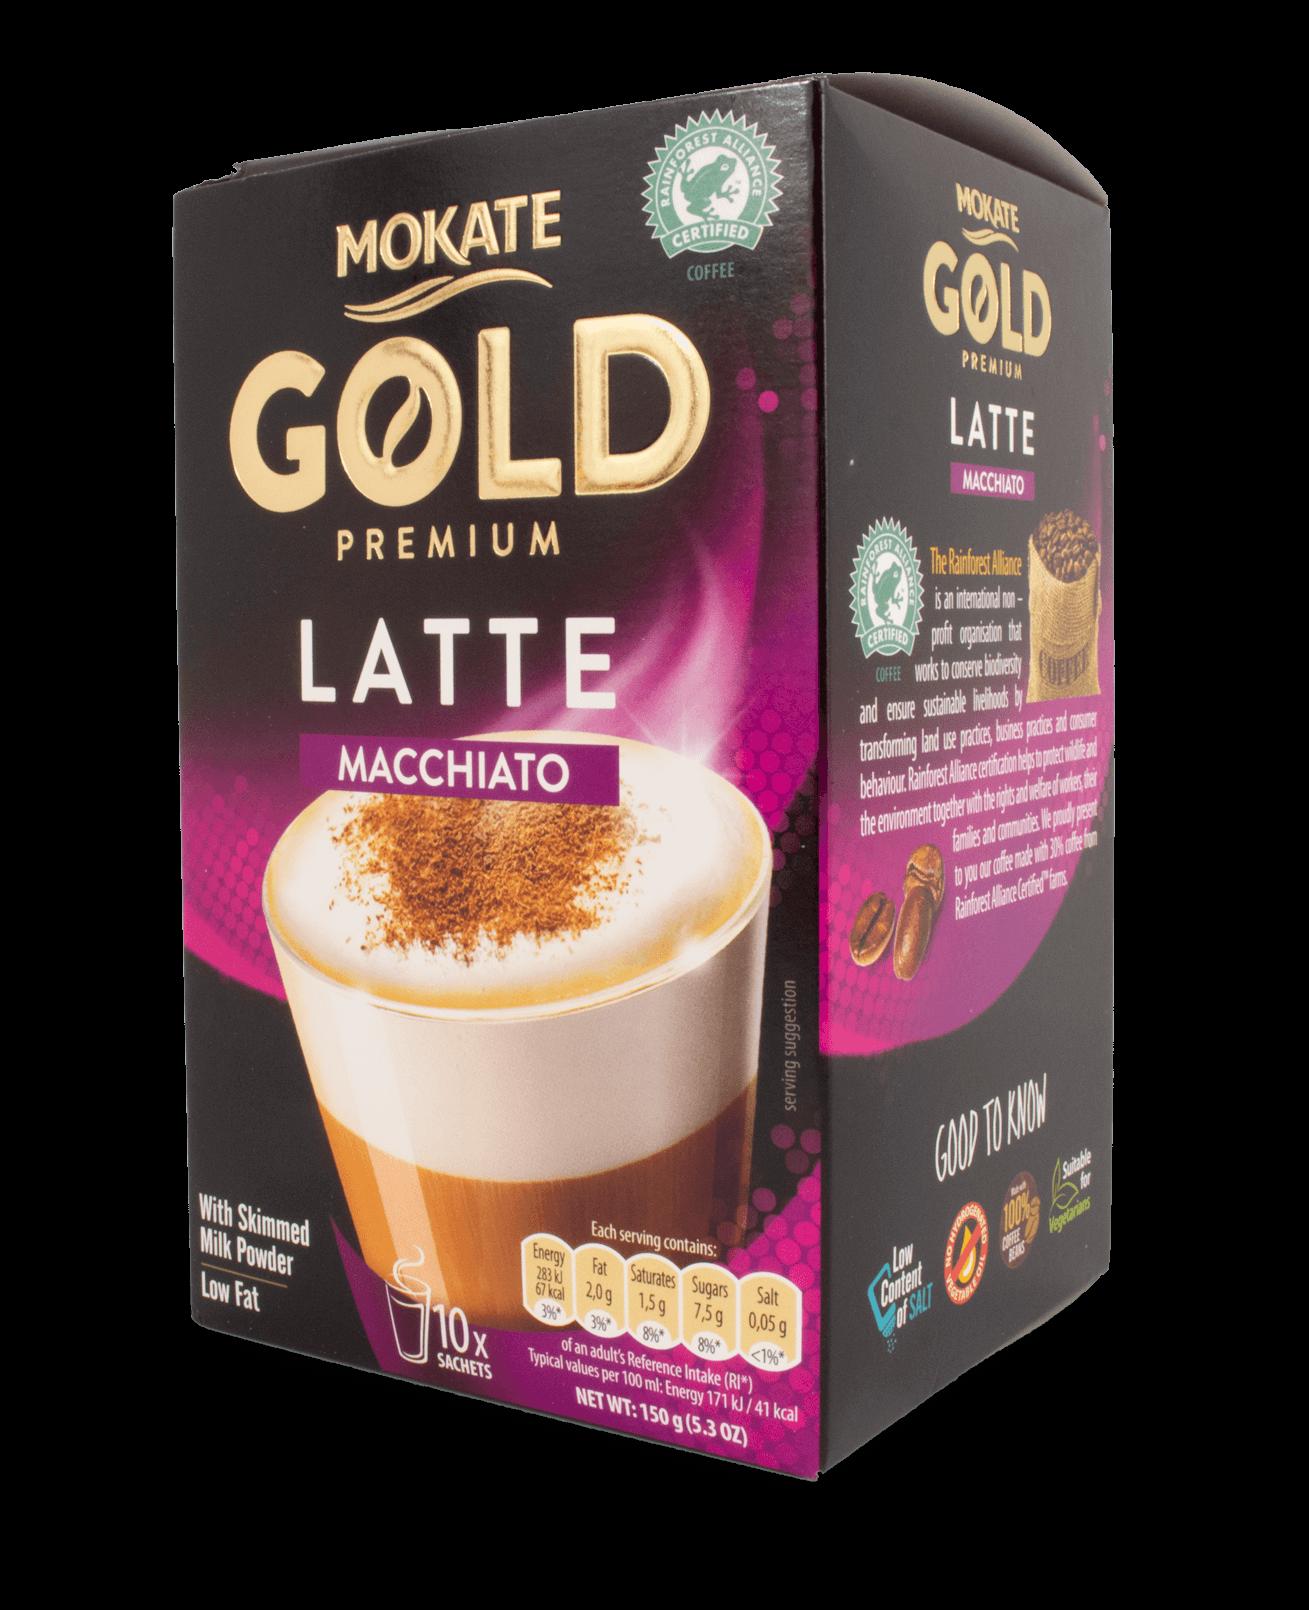 Mokate Instant Latte